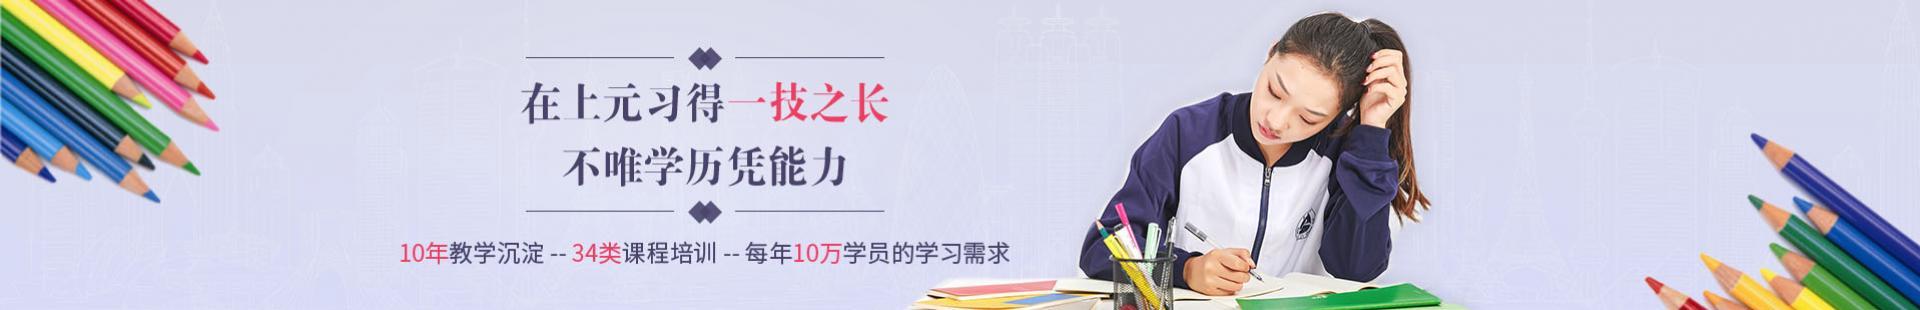 苏州上元教育培训中心